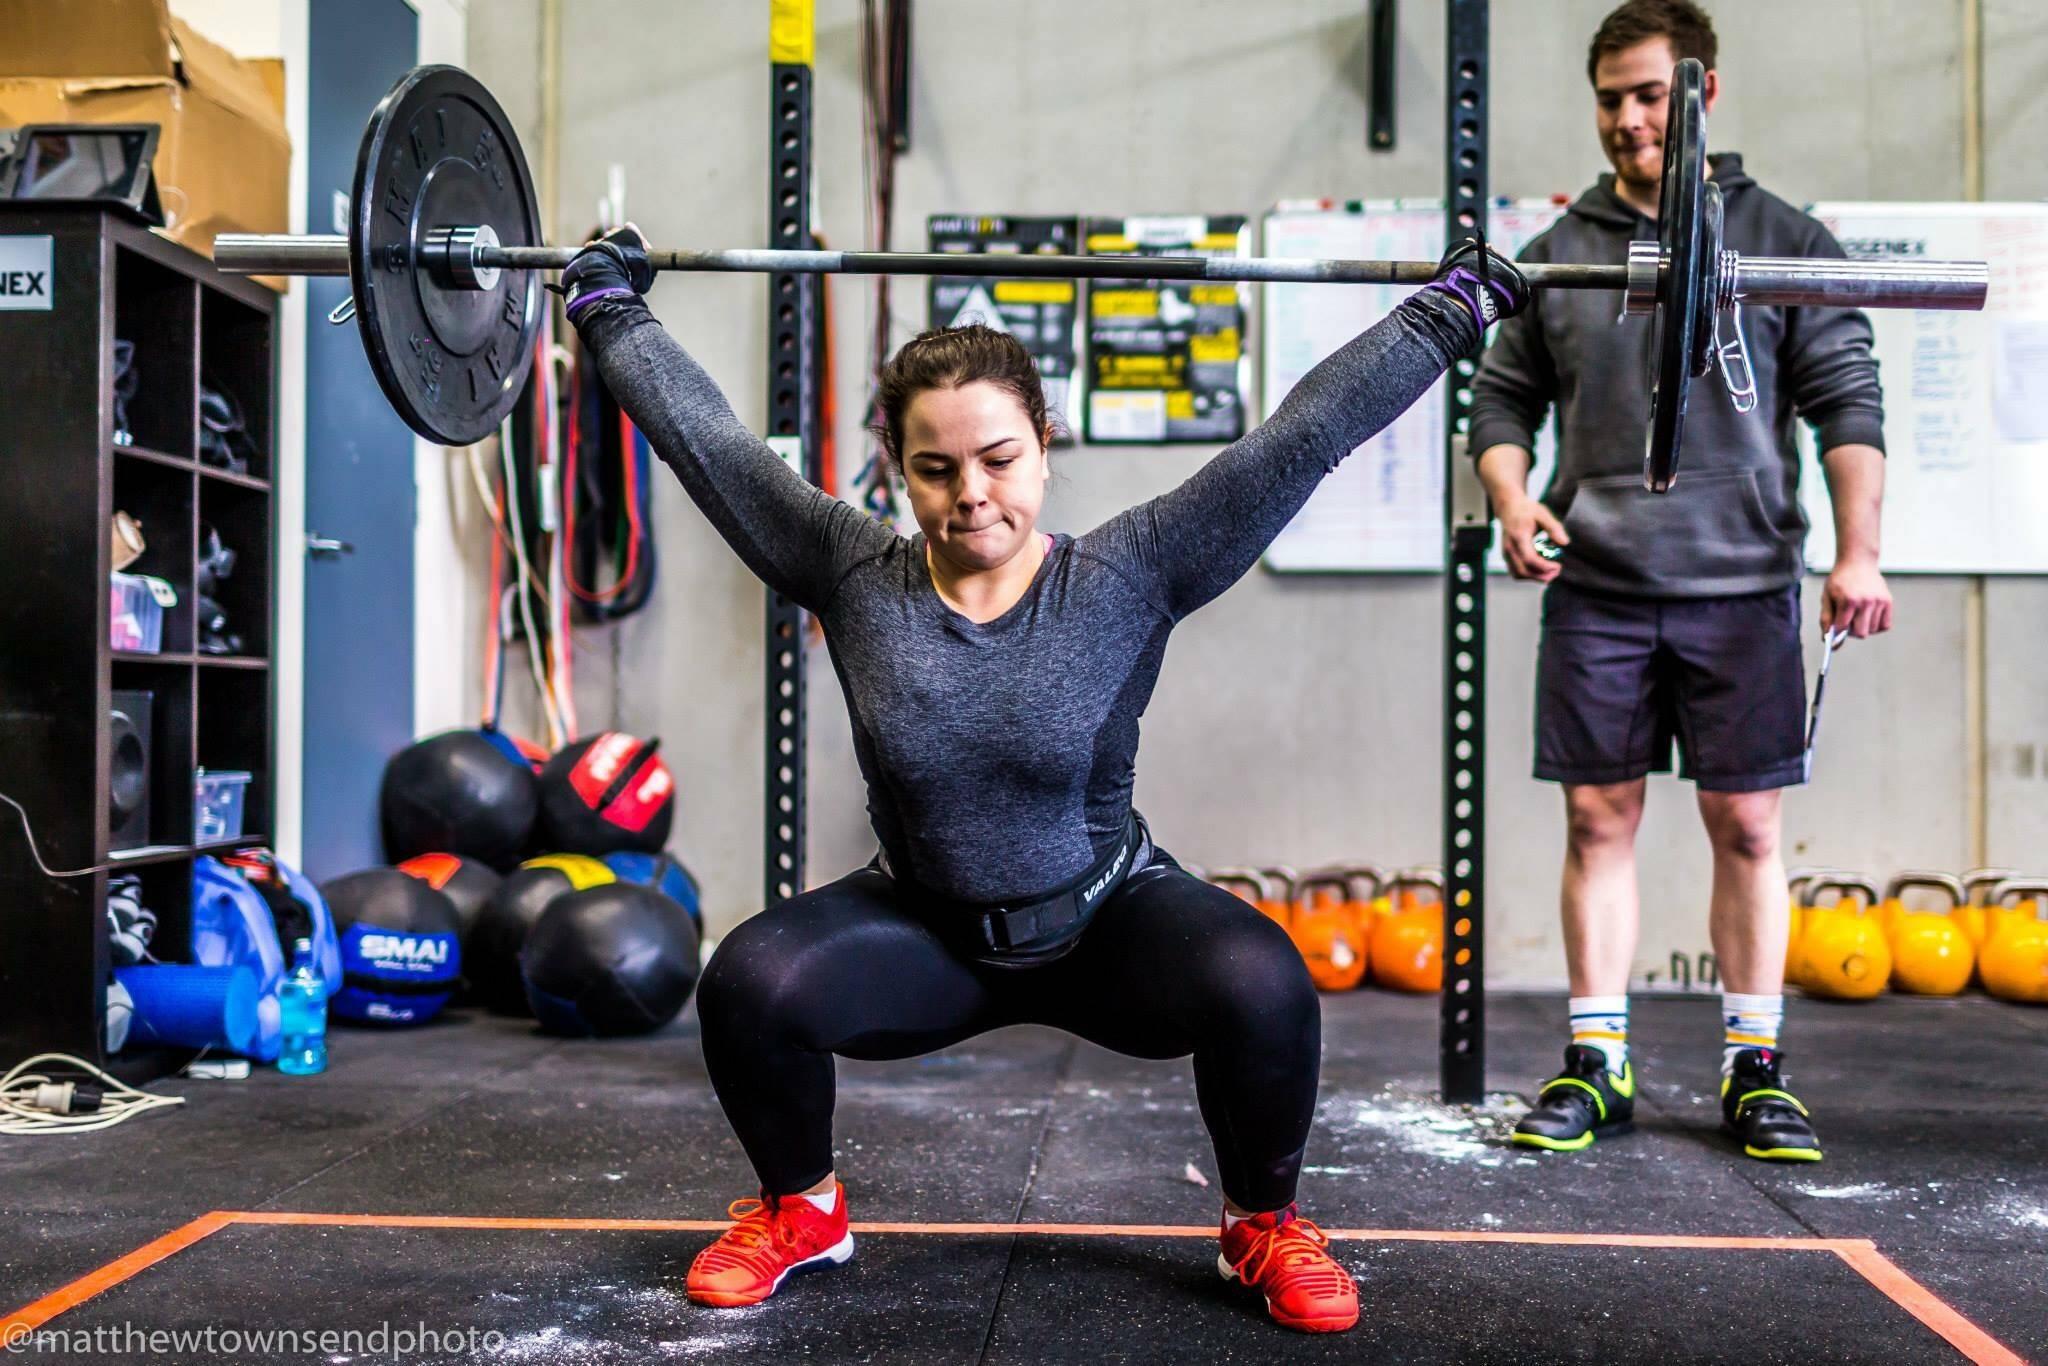 Кроссфит (crossfit) тренировки: польза или вред?